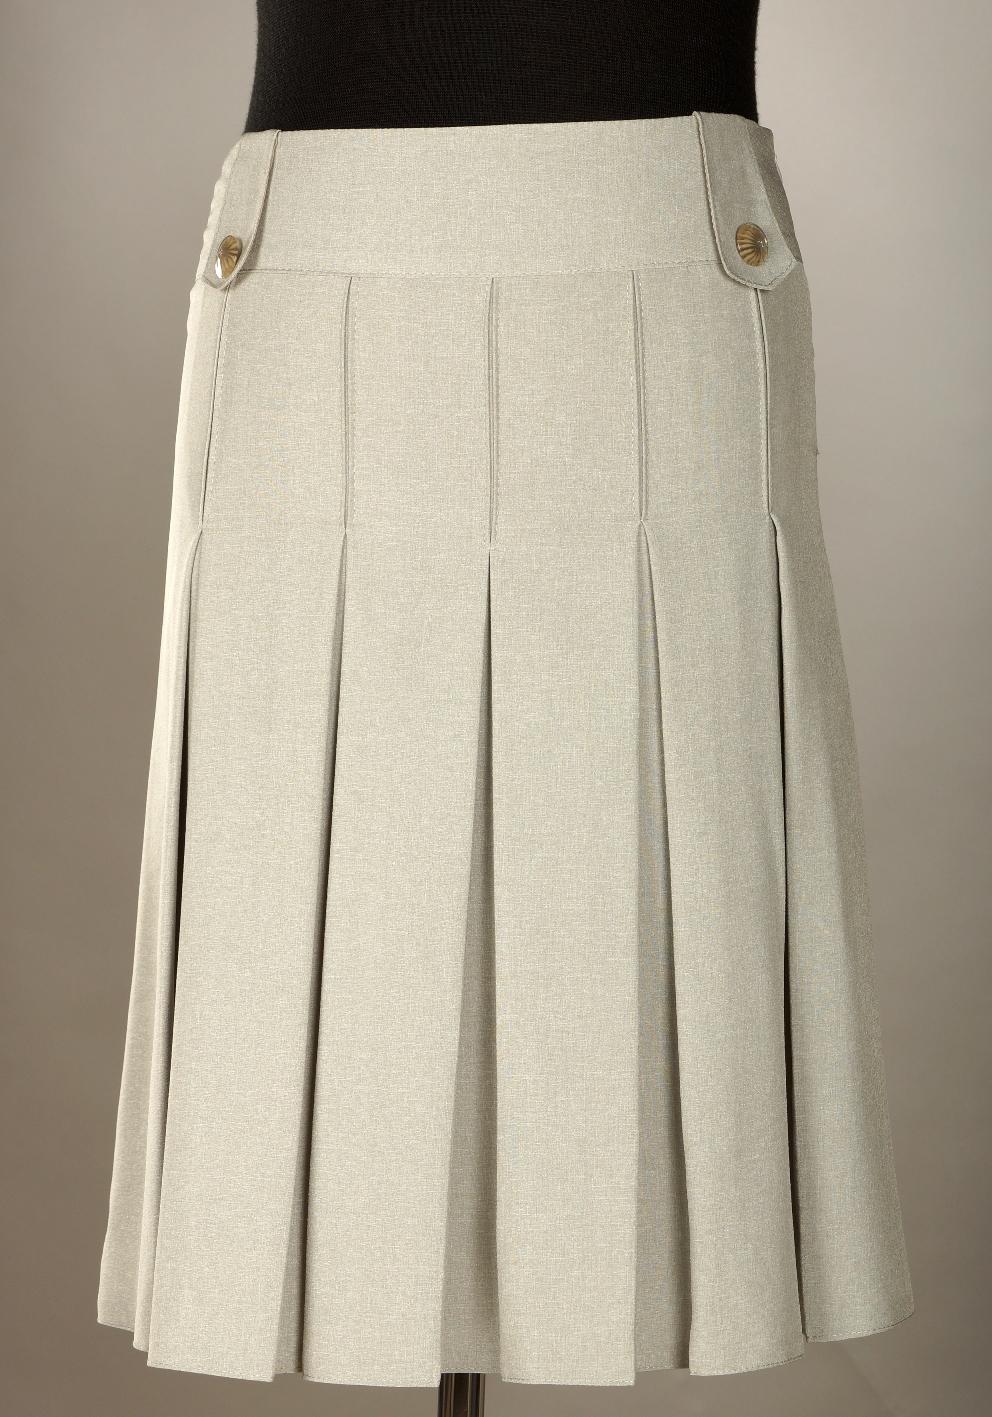 картинки юбки с односторонними складками фразы выражения смыслом